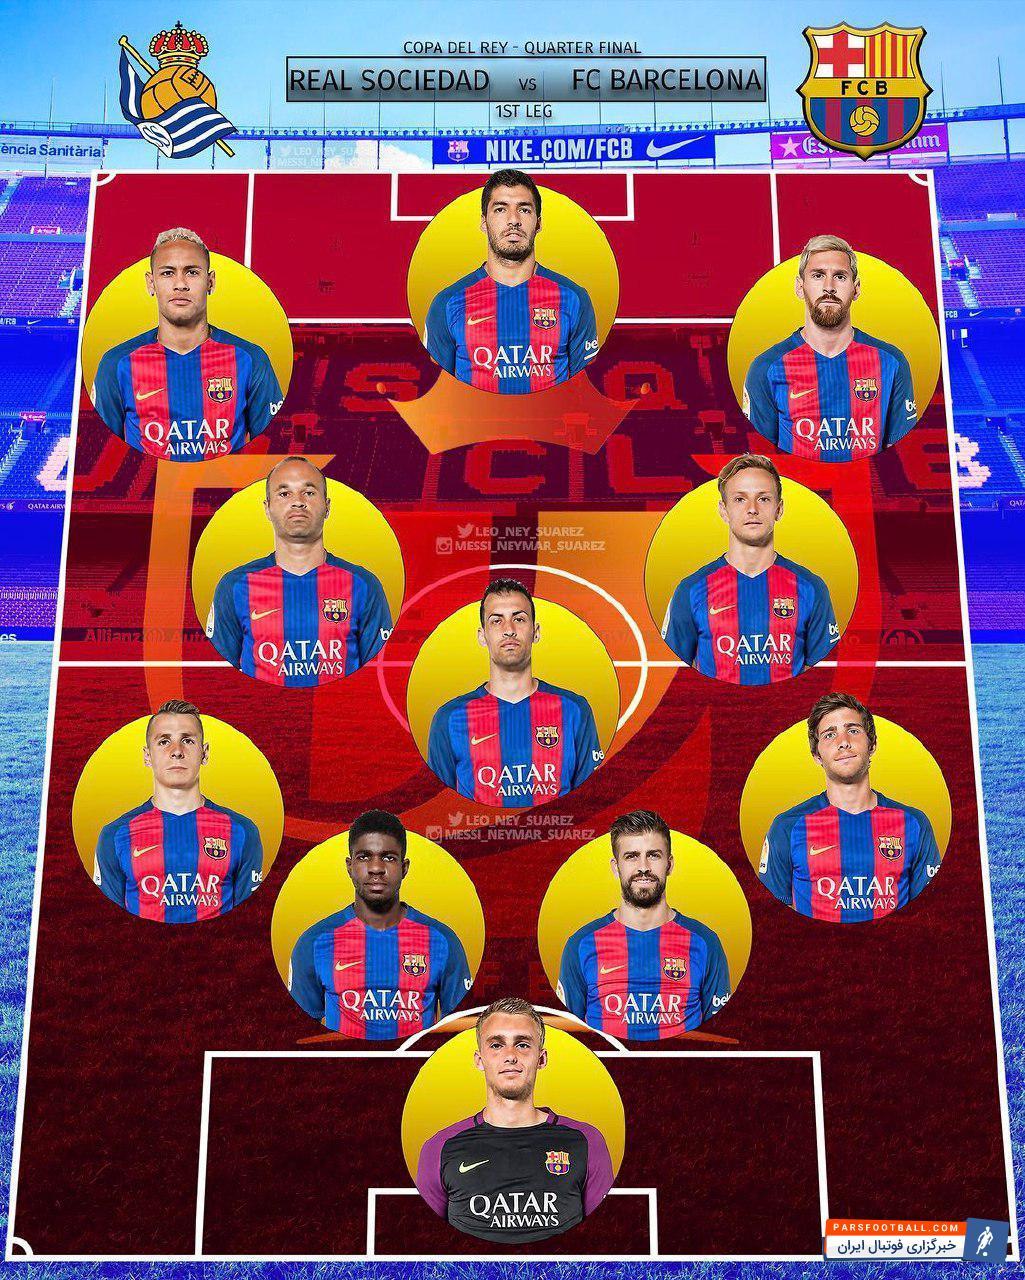 عکس تیم فوتبال بارسلونا